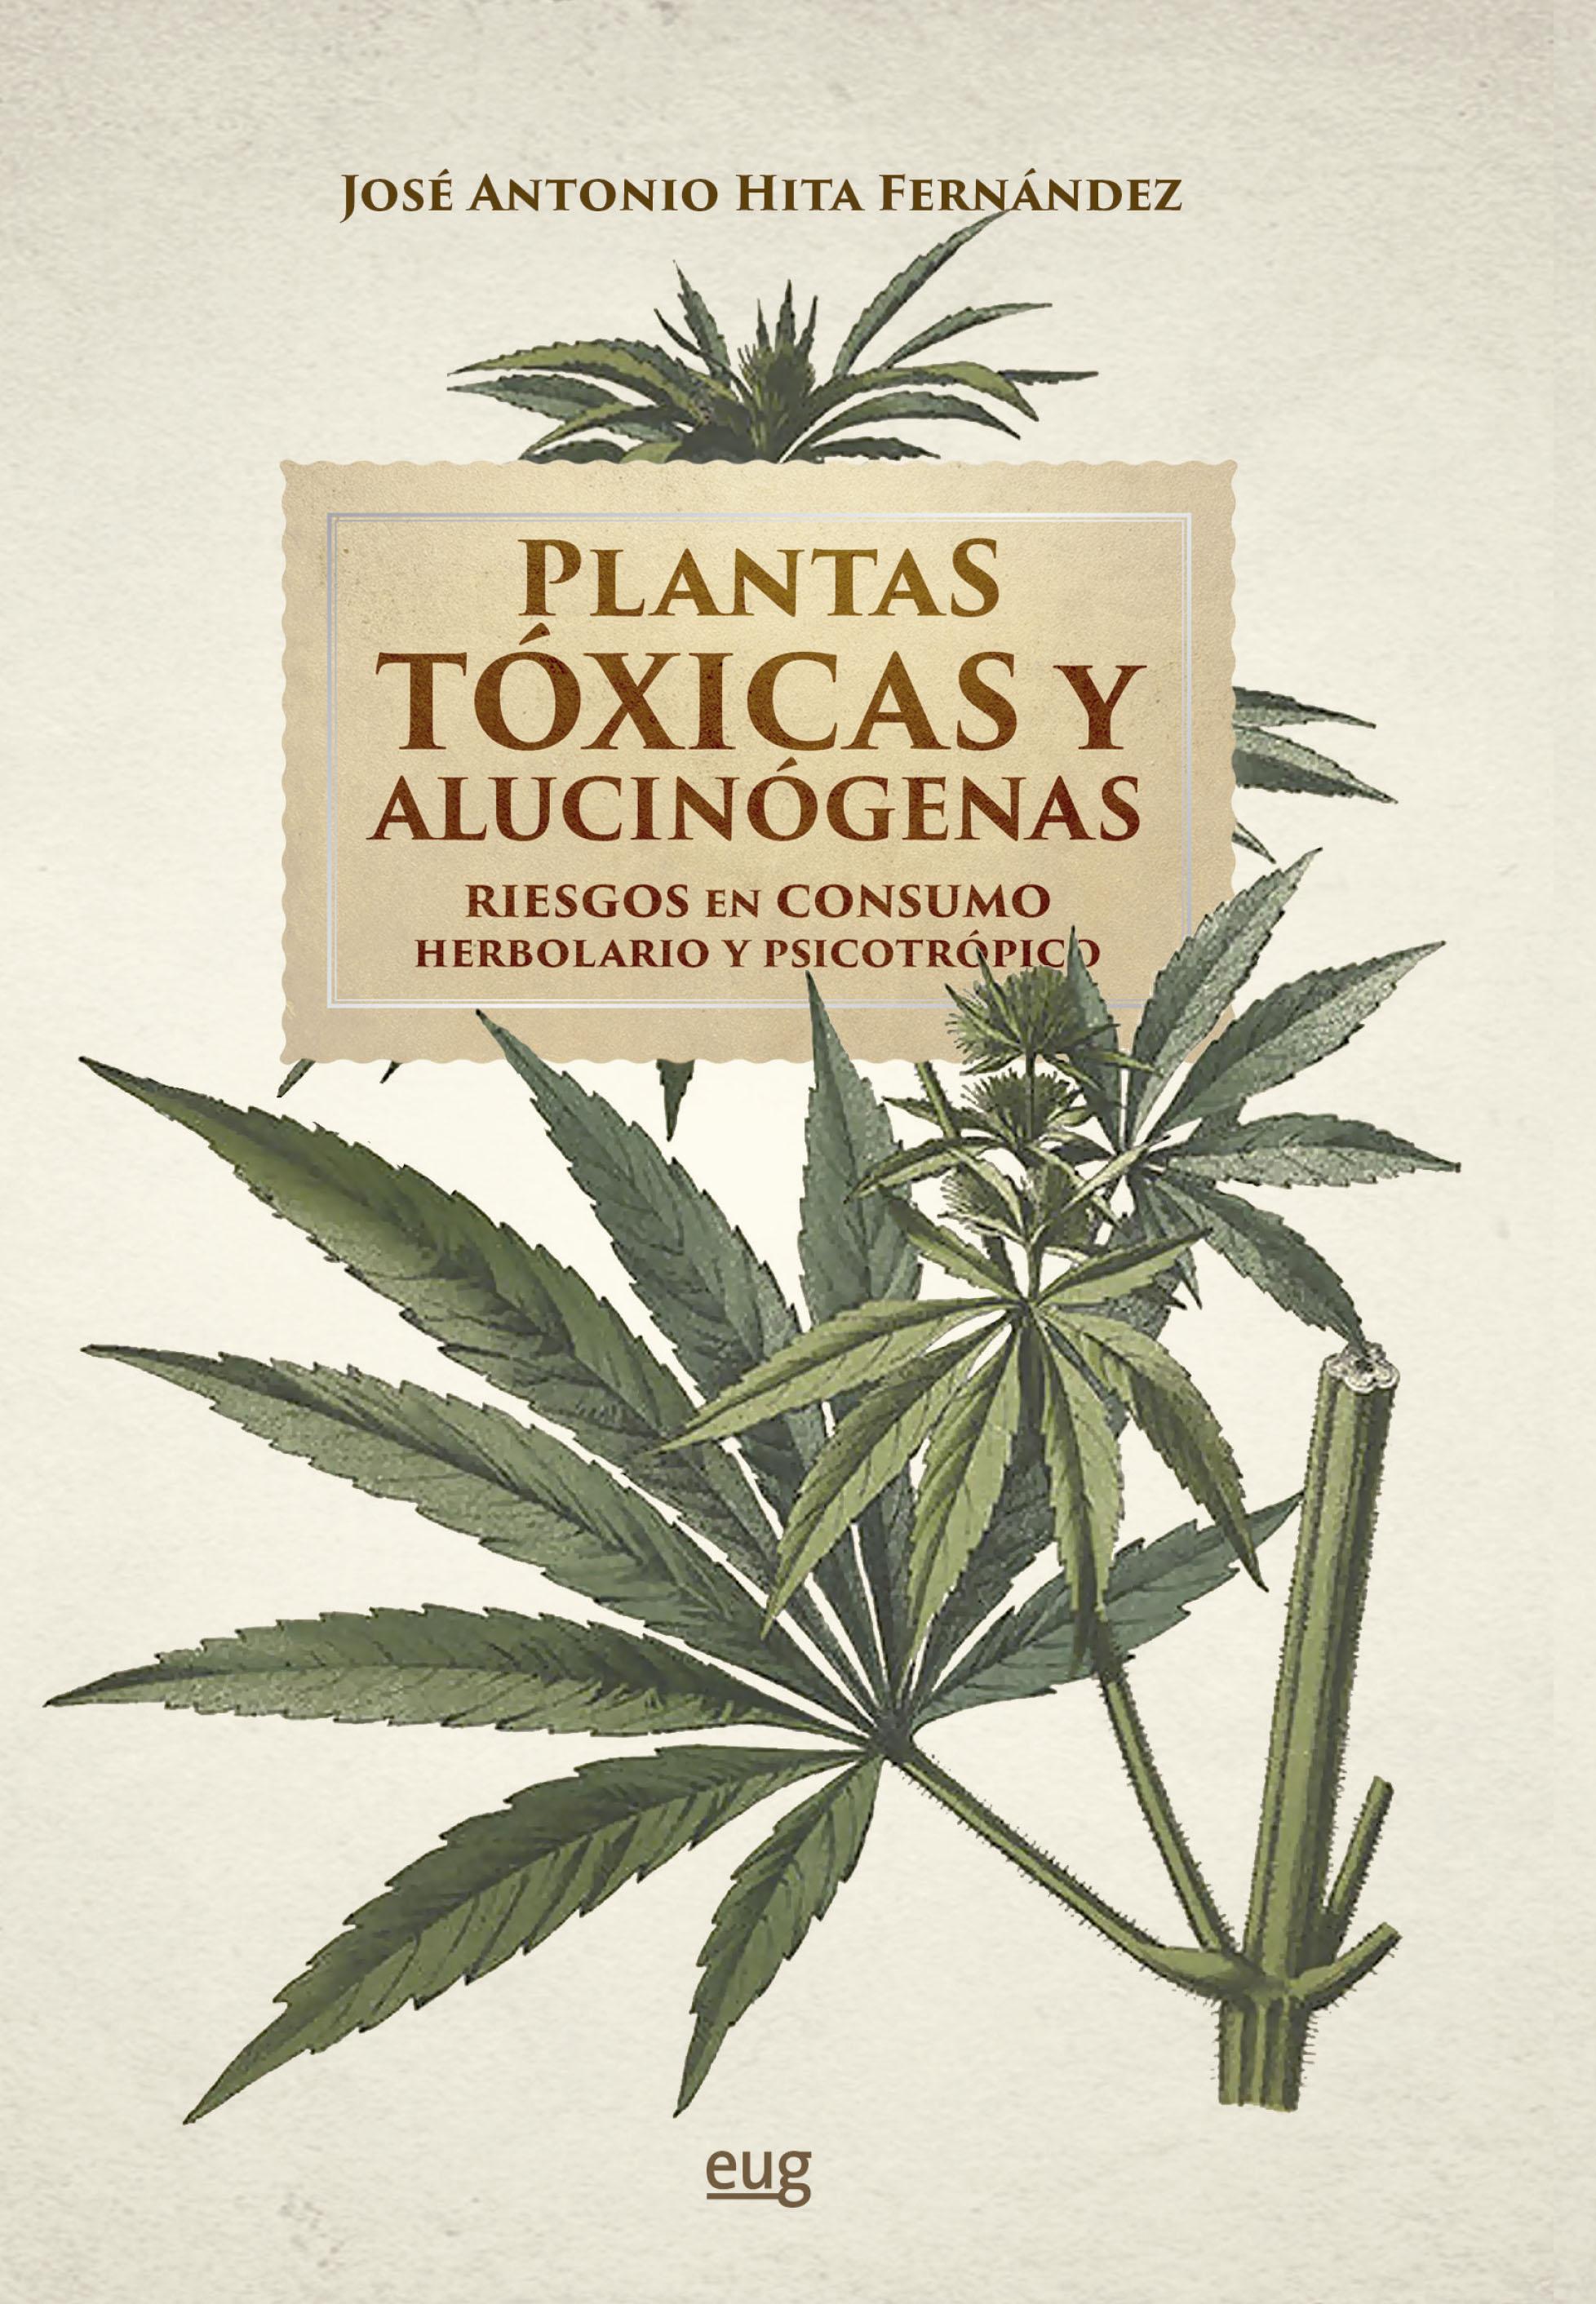 Plantas tóxicas y alucinógenas   «Riesgos en consumo herbolario y psicotrópico»